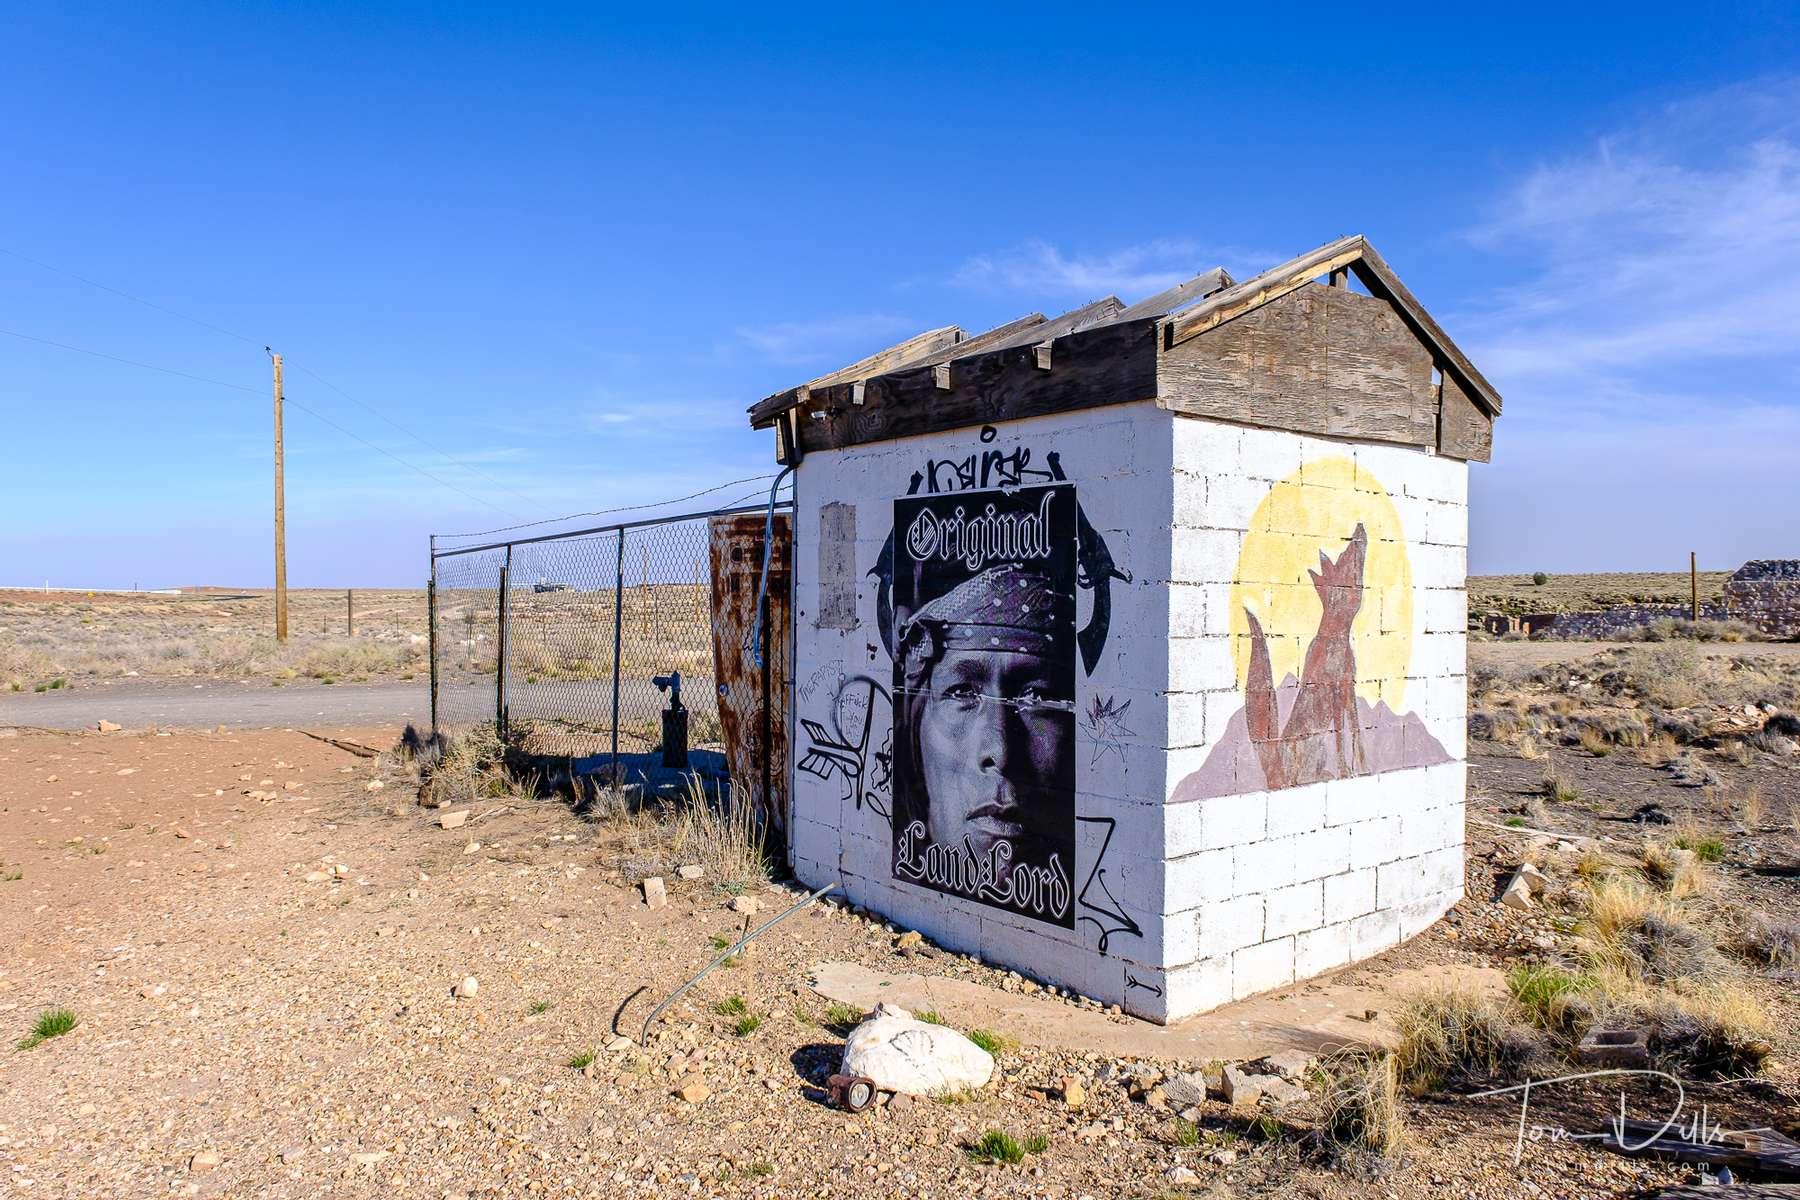 Twin Guns, an abandoned settlement along I-40 between Flagstaff and Winslow, Arizona